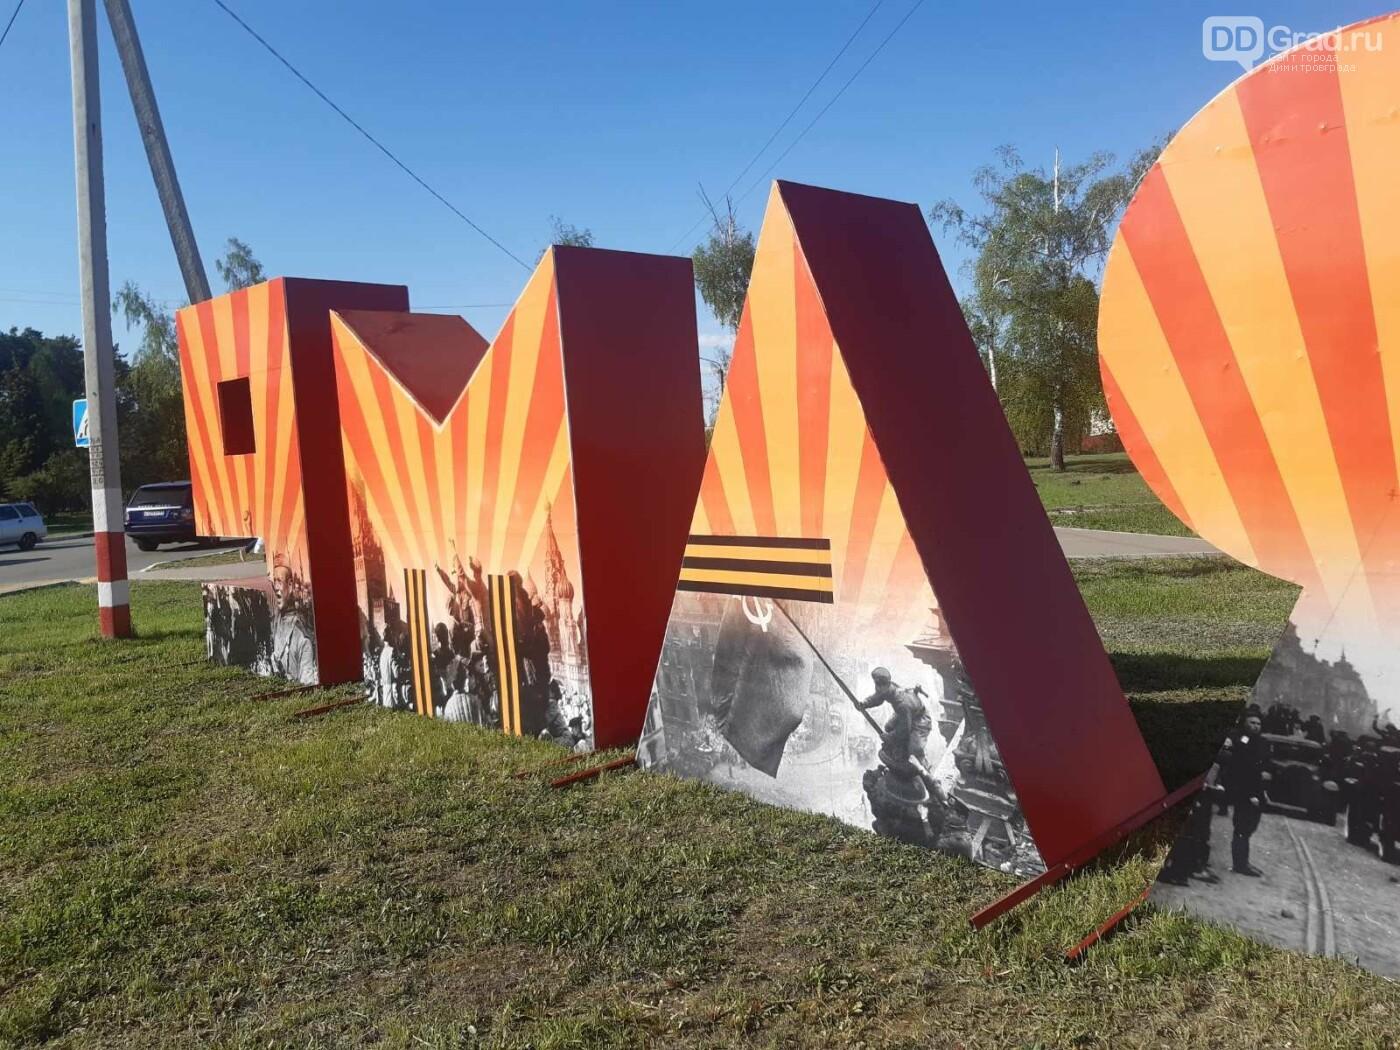 Димитровград праздничный: ко Дню Победы готовы!, фото-1, ddgrad.ru